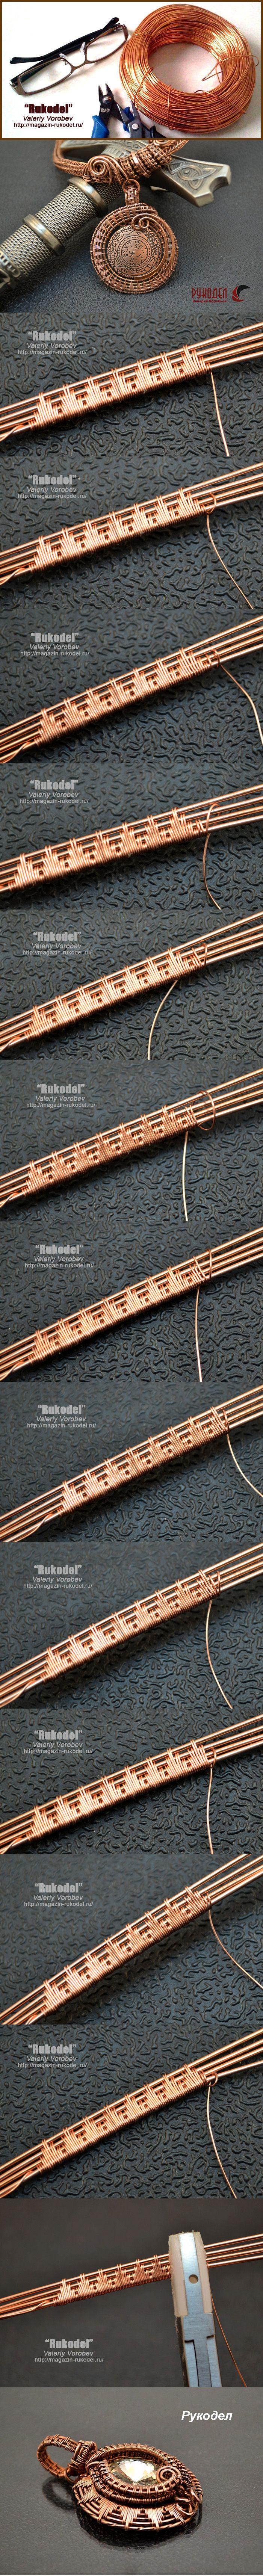 Плетение оплеток из проволоки Wire Wrap. | Рукодел                                                                                                                                                      More